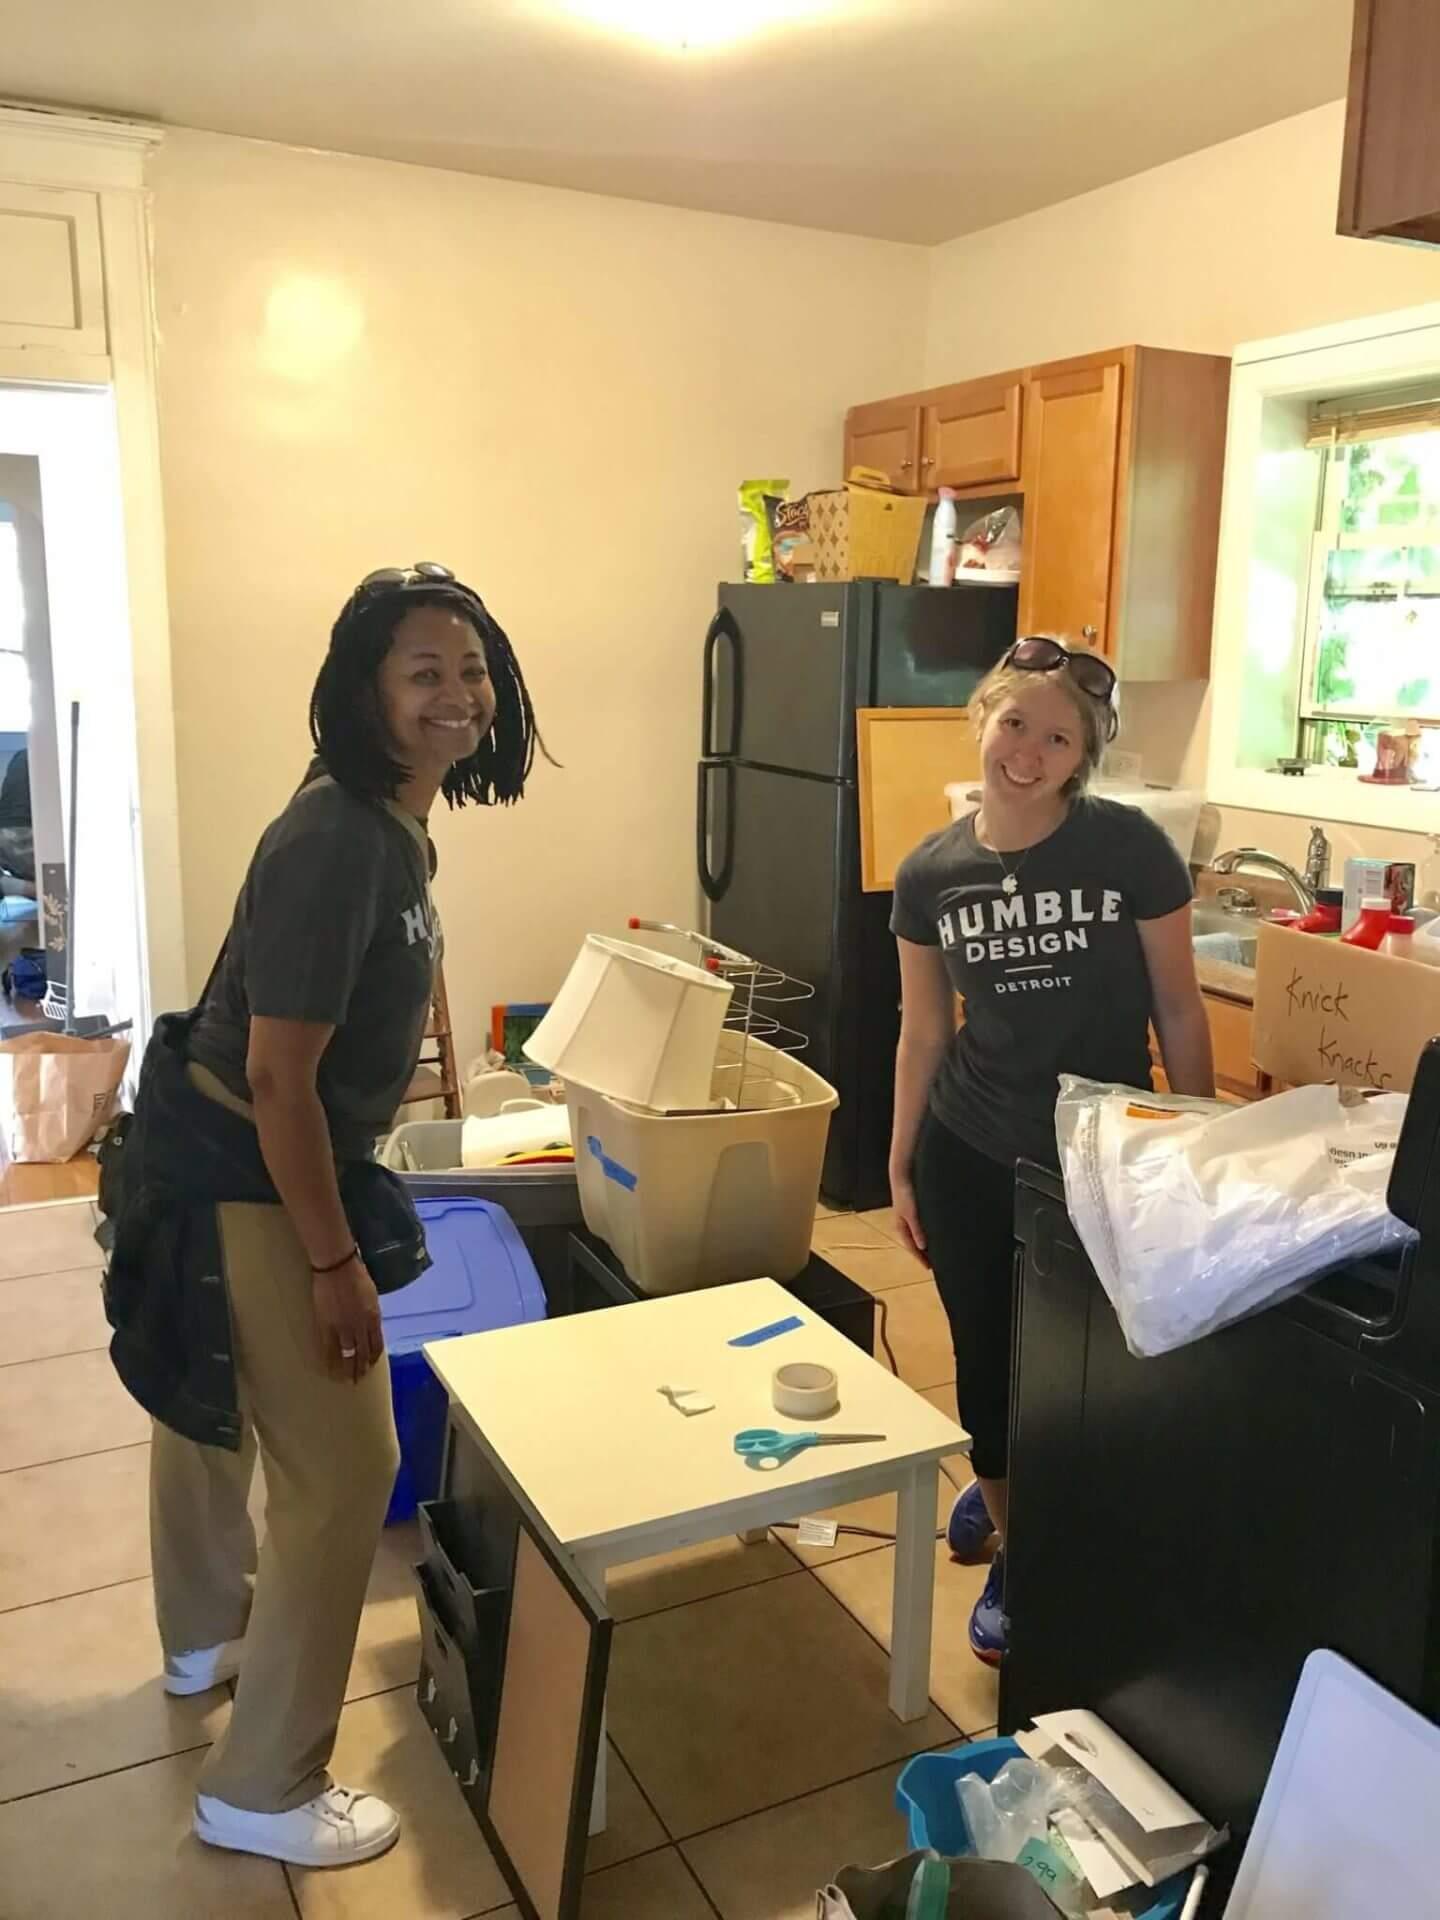 Humble Design volunteers working in kitchen